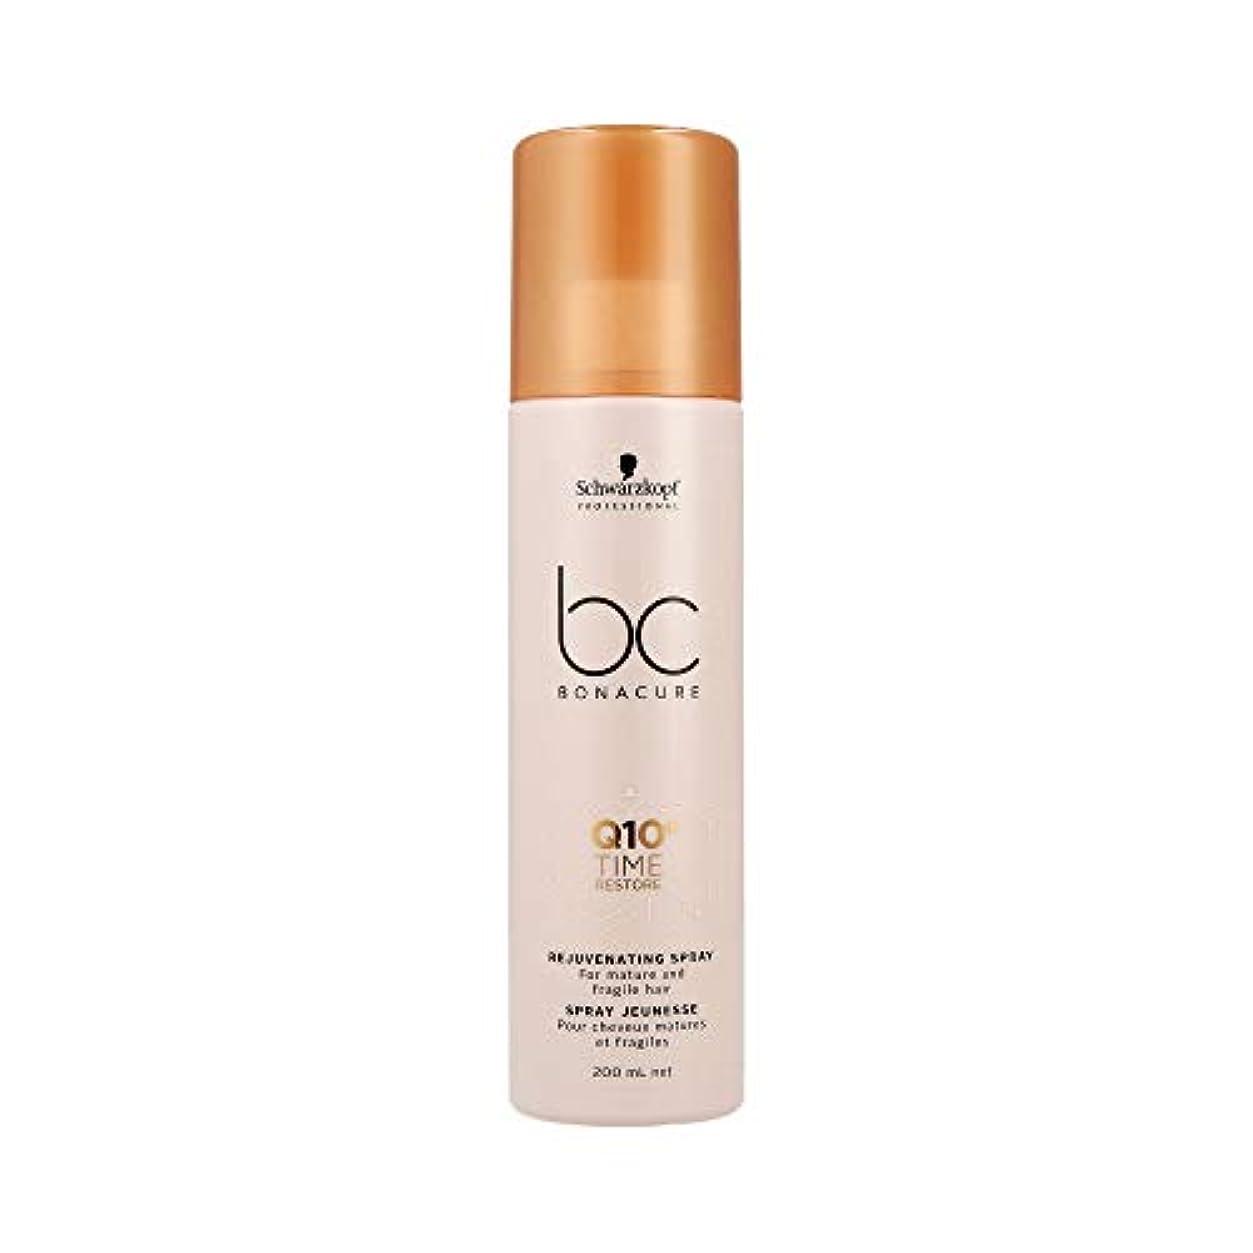 副産物ジャンプコモランマシュワルツコフ BC Q10+ タイム リストア リジュヴェネイティング スプレー Schwarzkopf BC Bonacure Q10+ Time Restore Rejuvenating Spray For Mature And Fragile Hair 200 ml [並行輸入品]